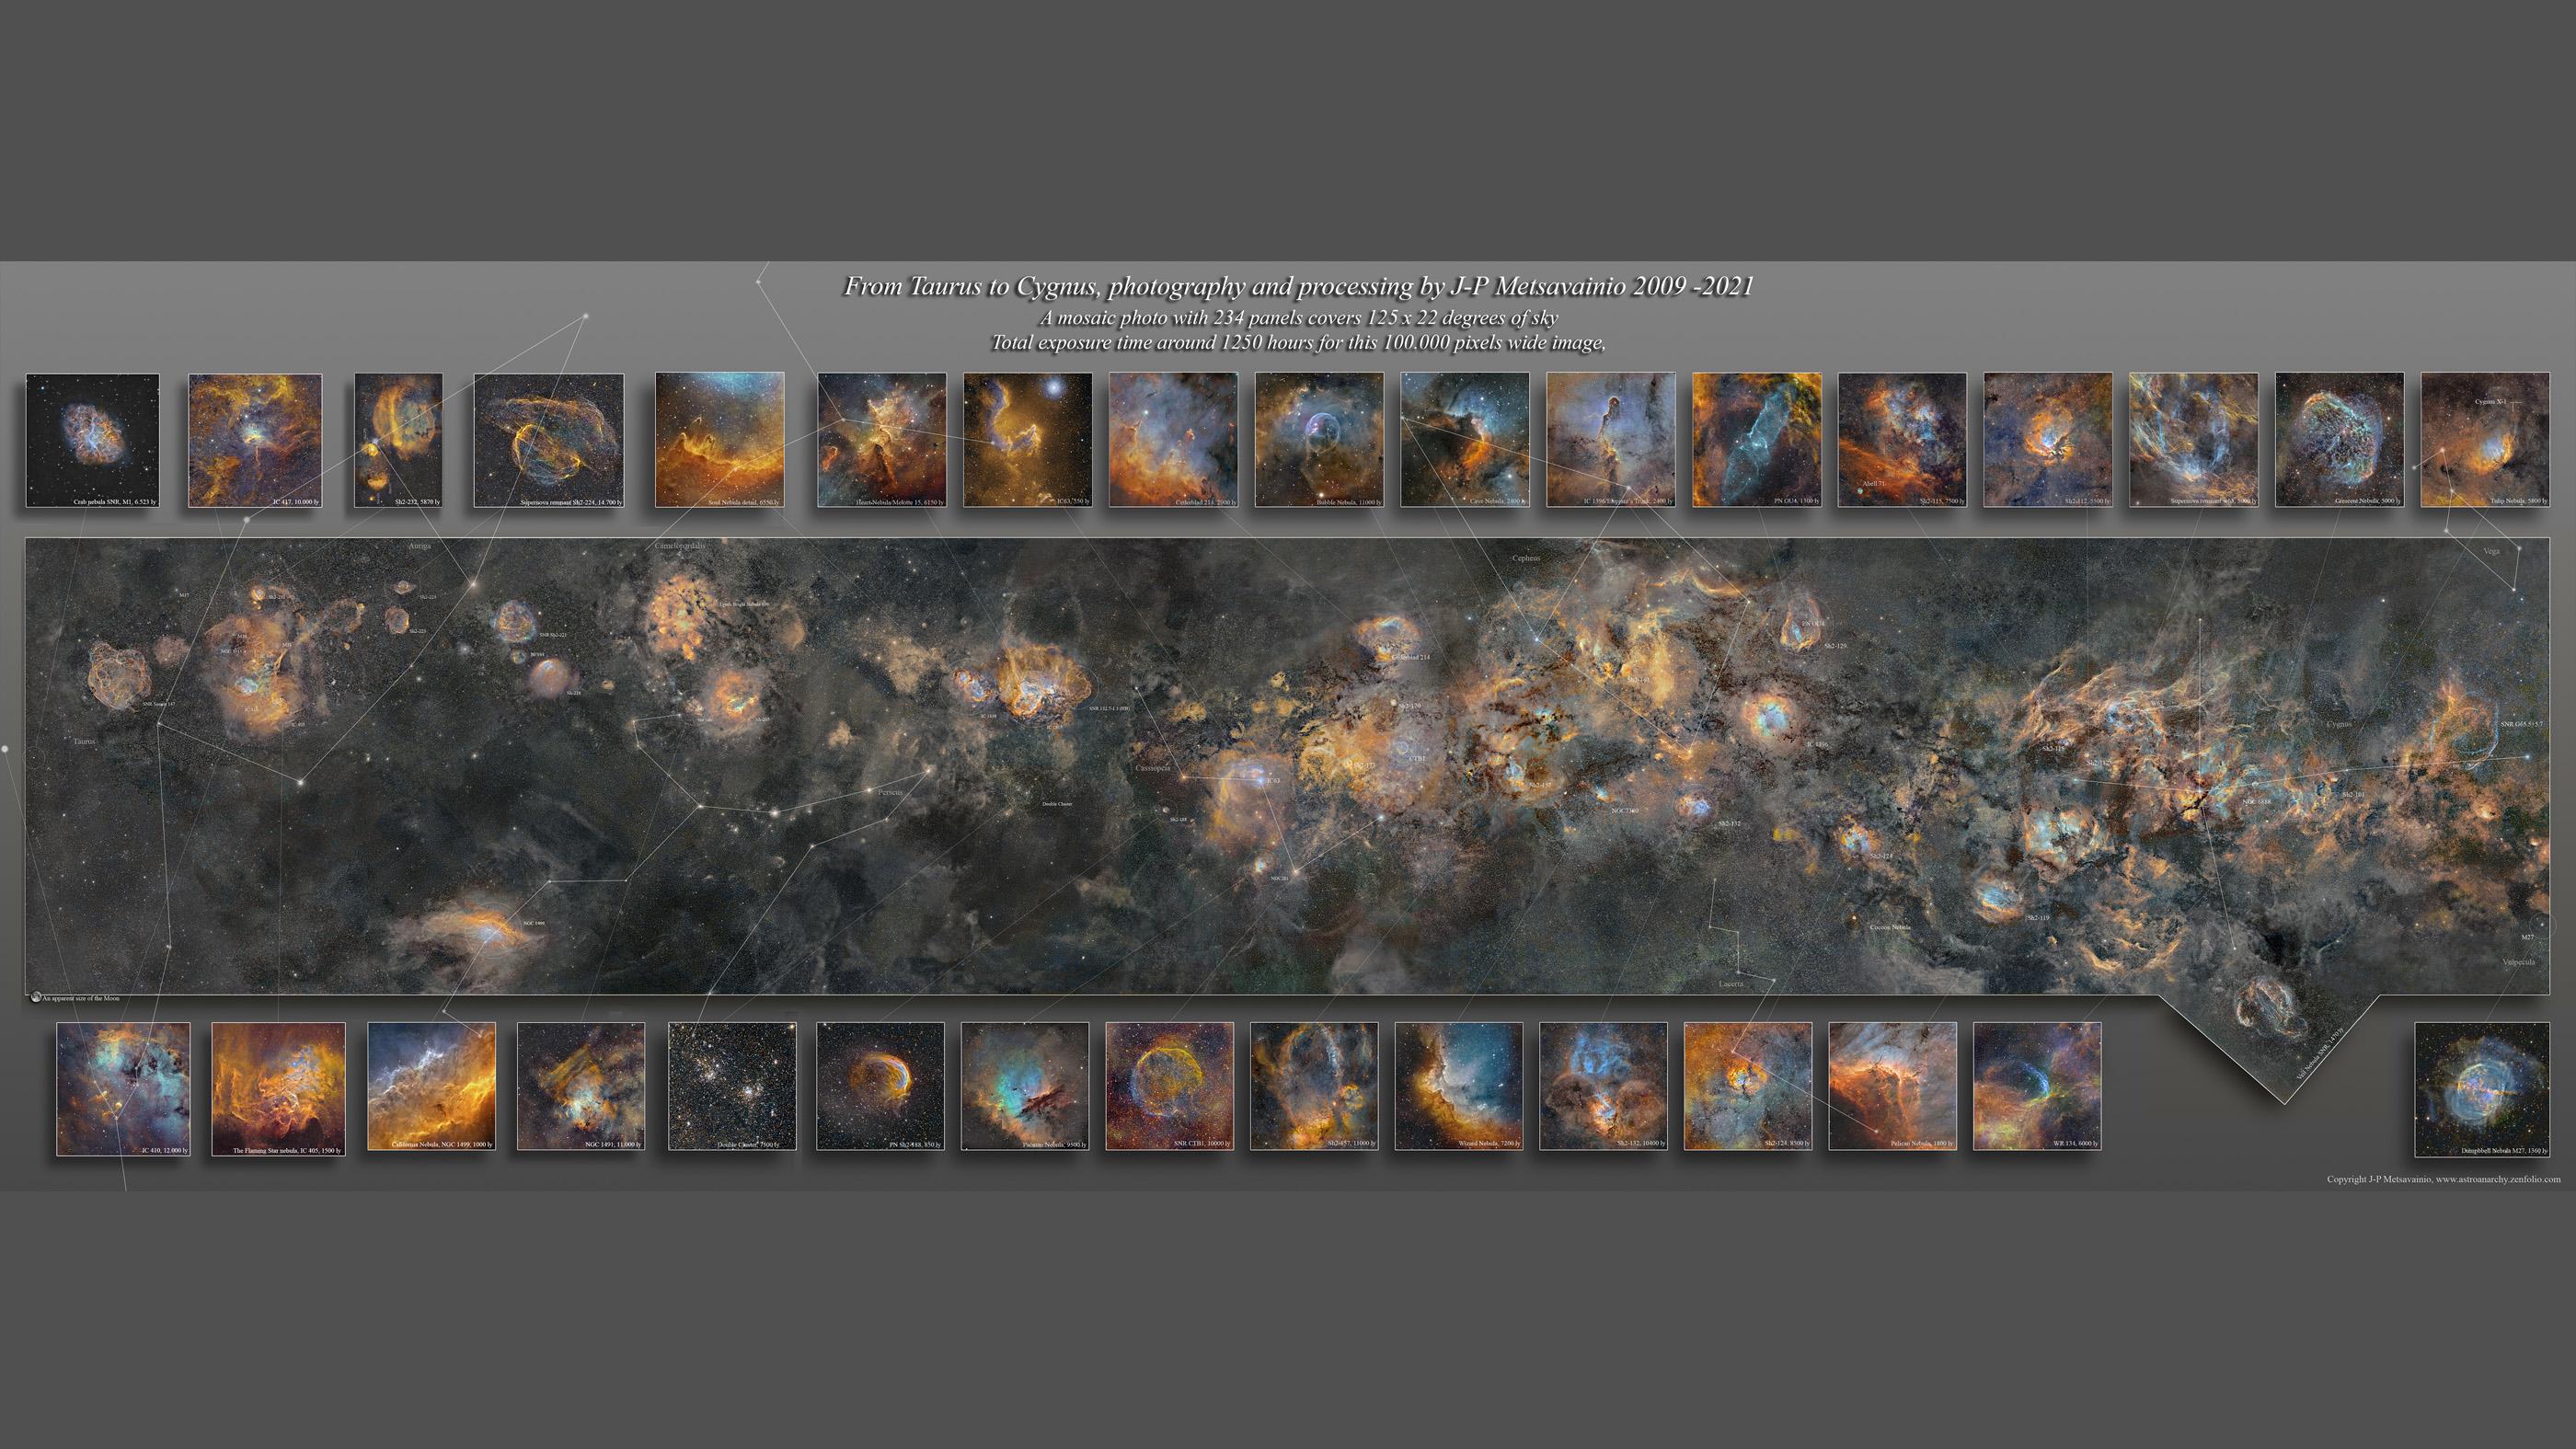 Cette image de la mosaïque de la Voie lactée montre 234 panneaux et couvre 125 x 22 degrés du ciel.